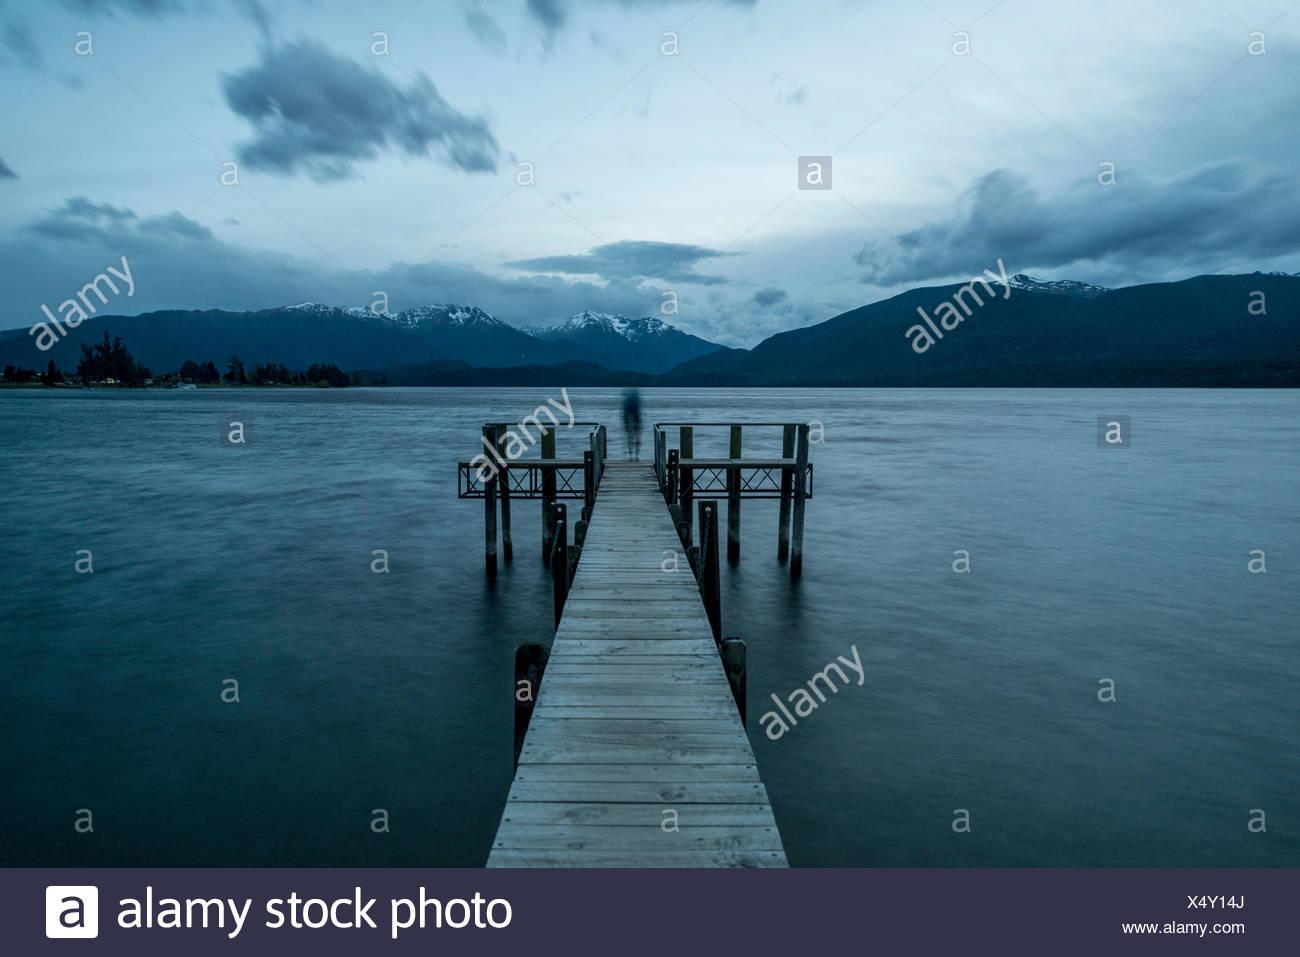 Cielo nuvoloso sulle montagne, silhouette in piedi sul dock, Lago Te Anau, Southland, Nuova Zelanda Immagini Stock